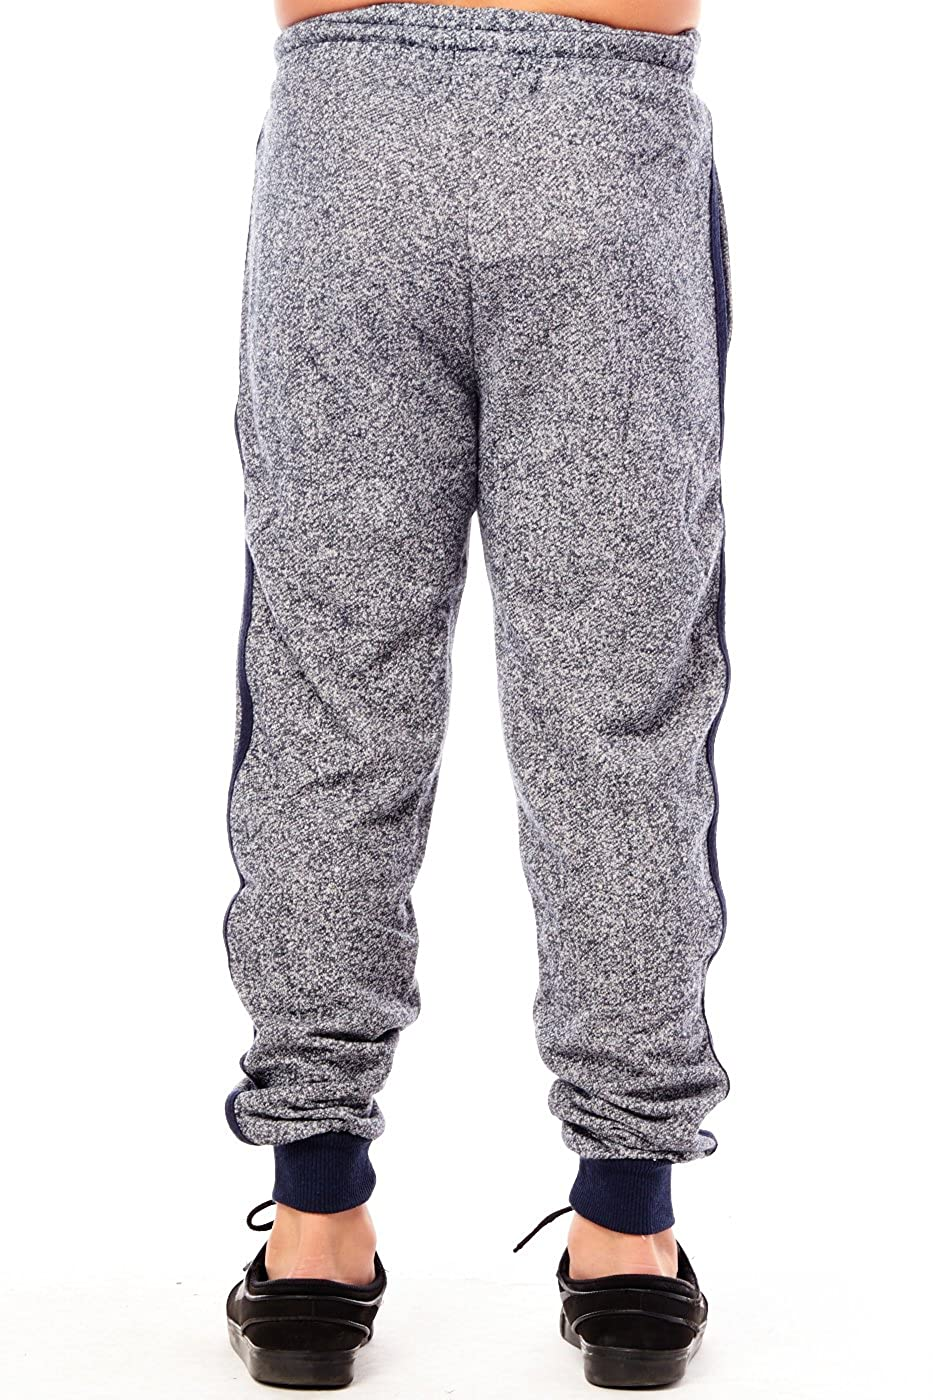 Daniel l Boys Kids Childrens Fashion Clothes Joggers Sweatpants BSP001 6, H.Blue